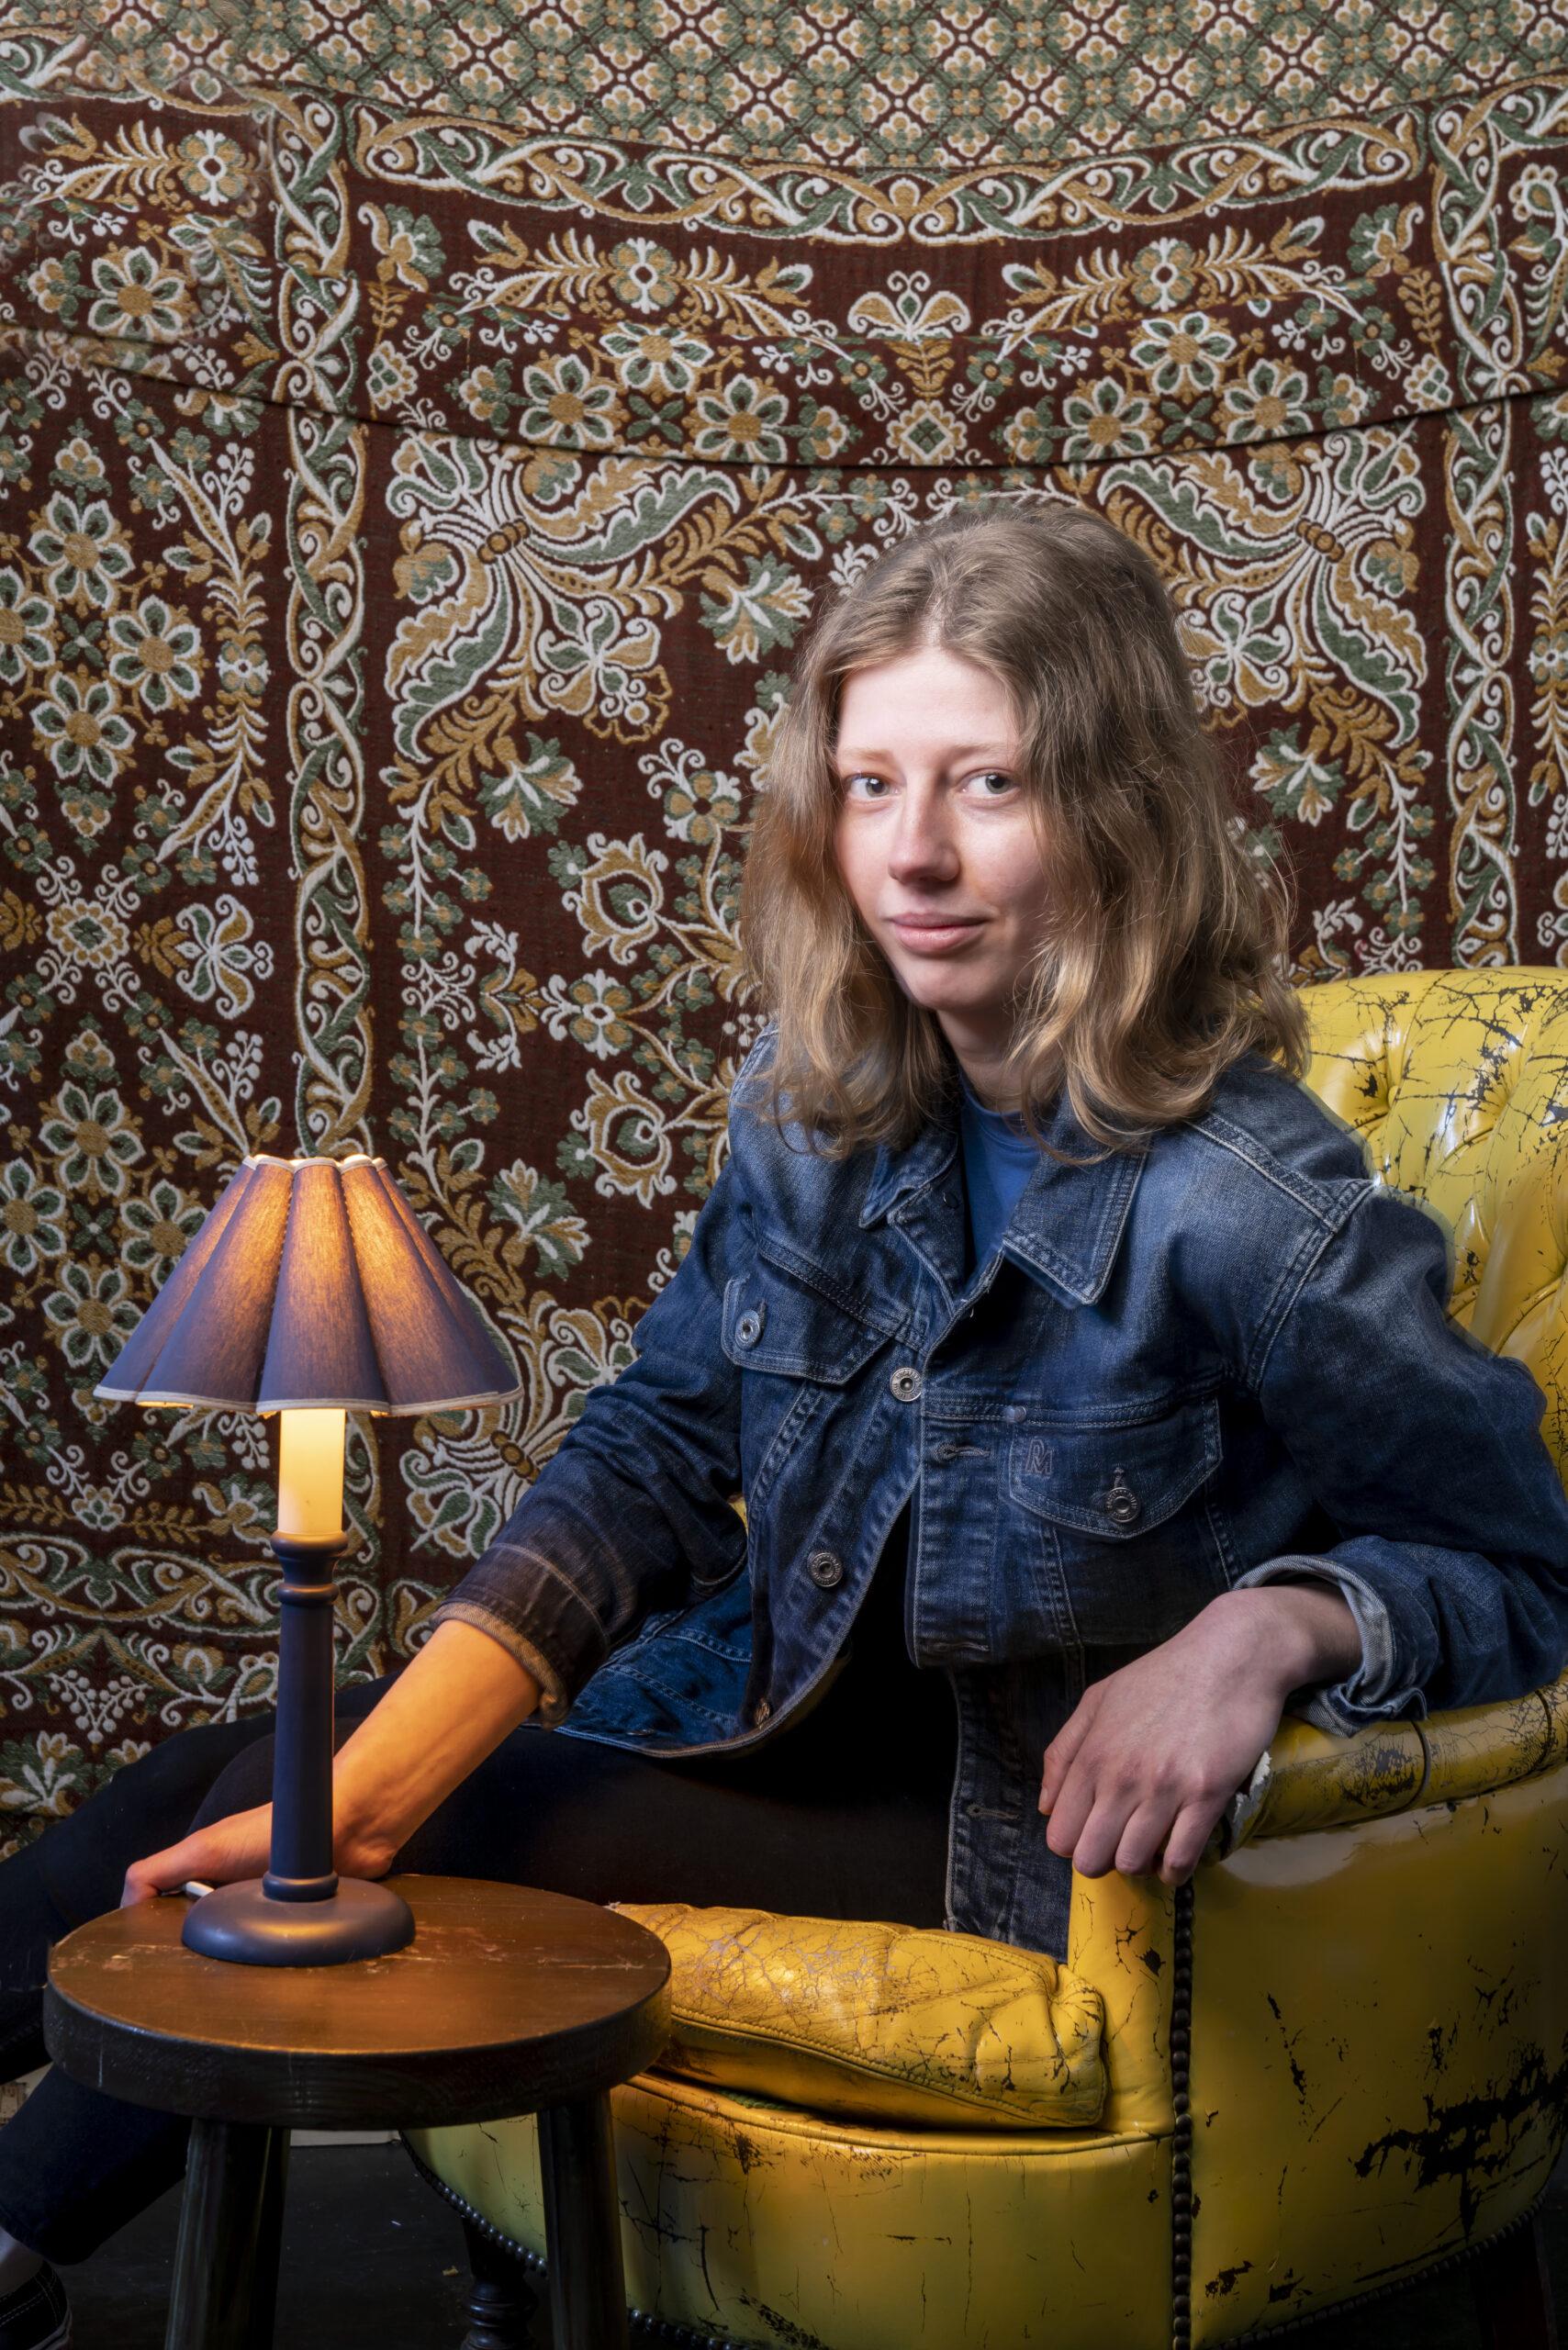 Jessie Velthuis